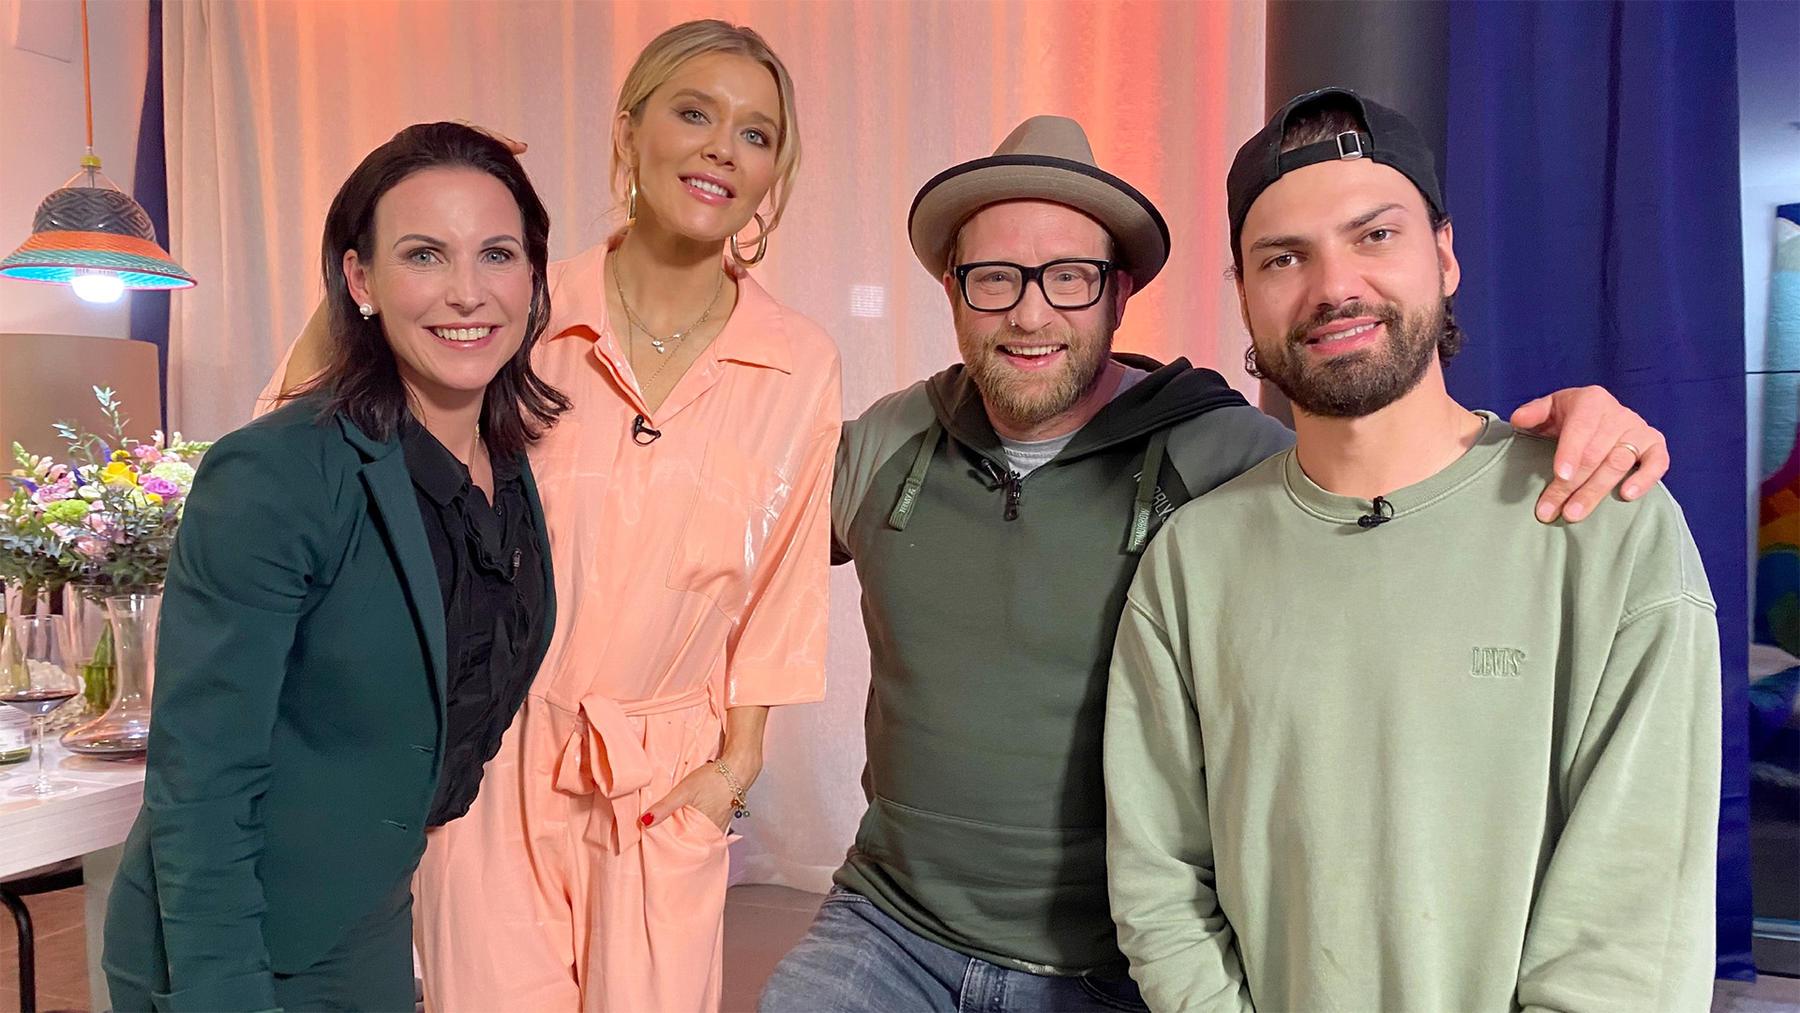 Folge 1: Gregor Meyle, Laura Karasek, Sabrina Mockenhaupt, Jimi Blue Ochsenknecht